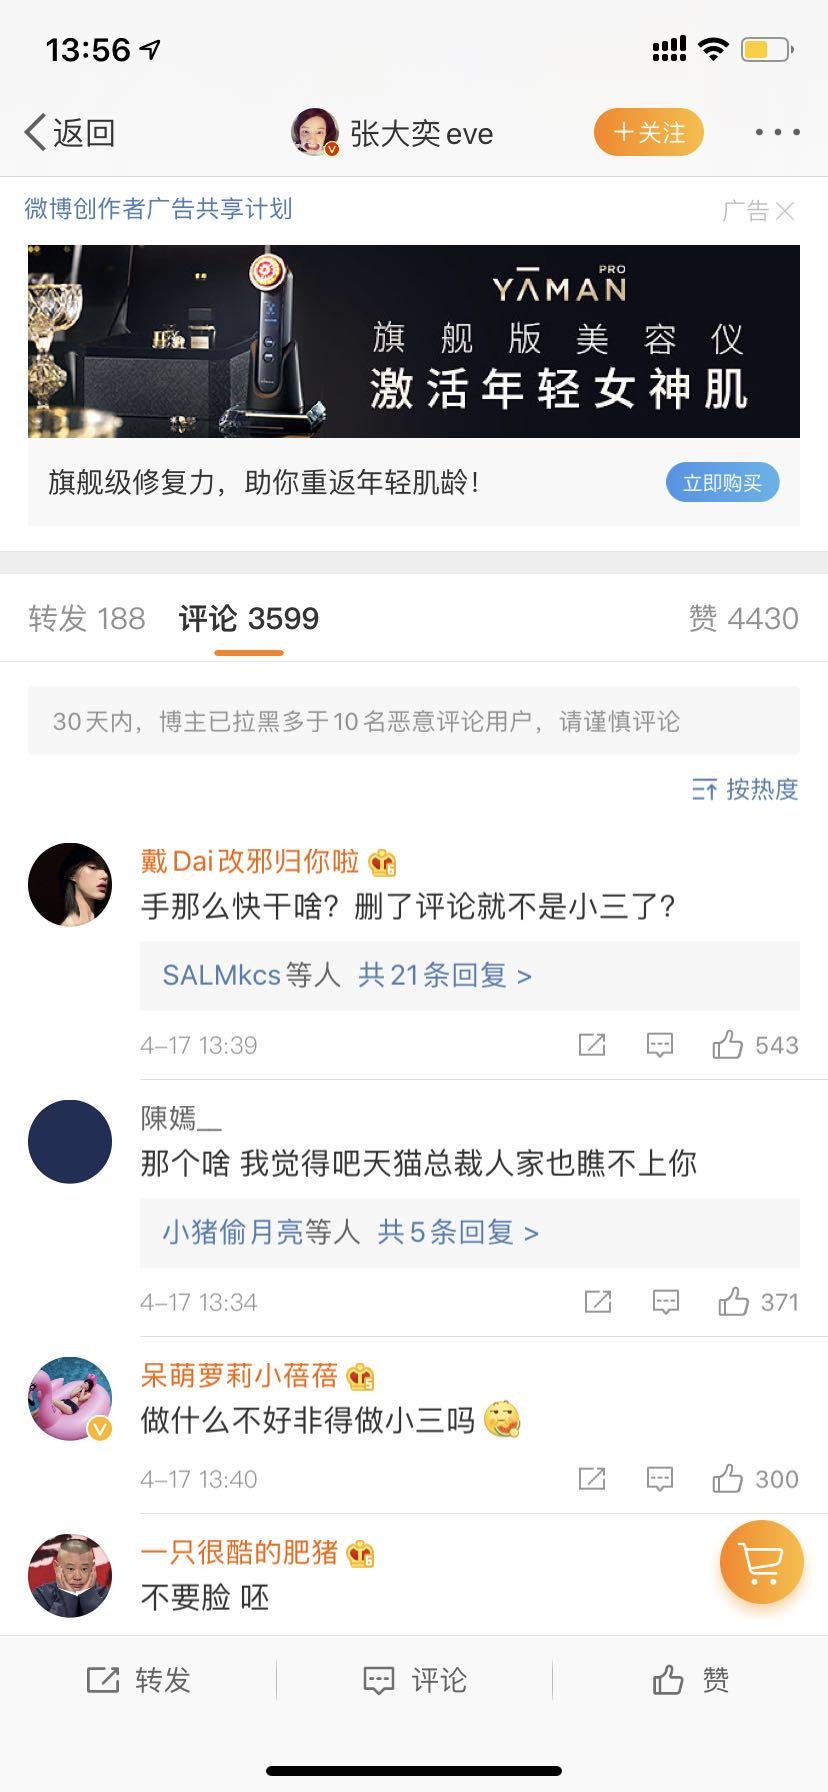 疑天猫总裁蒋凡妻子喊话如涵CMO张大奕:再来招惹我老公我就不客气了